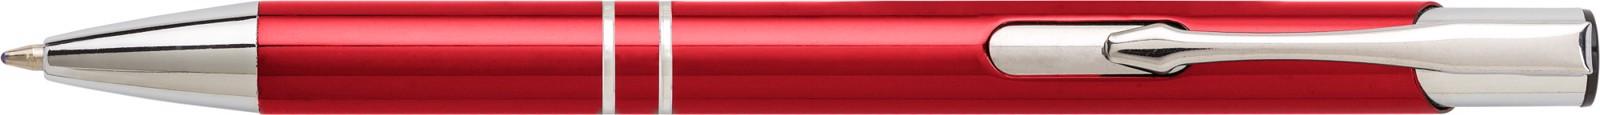 Aluminium ballpen - Red